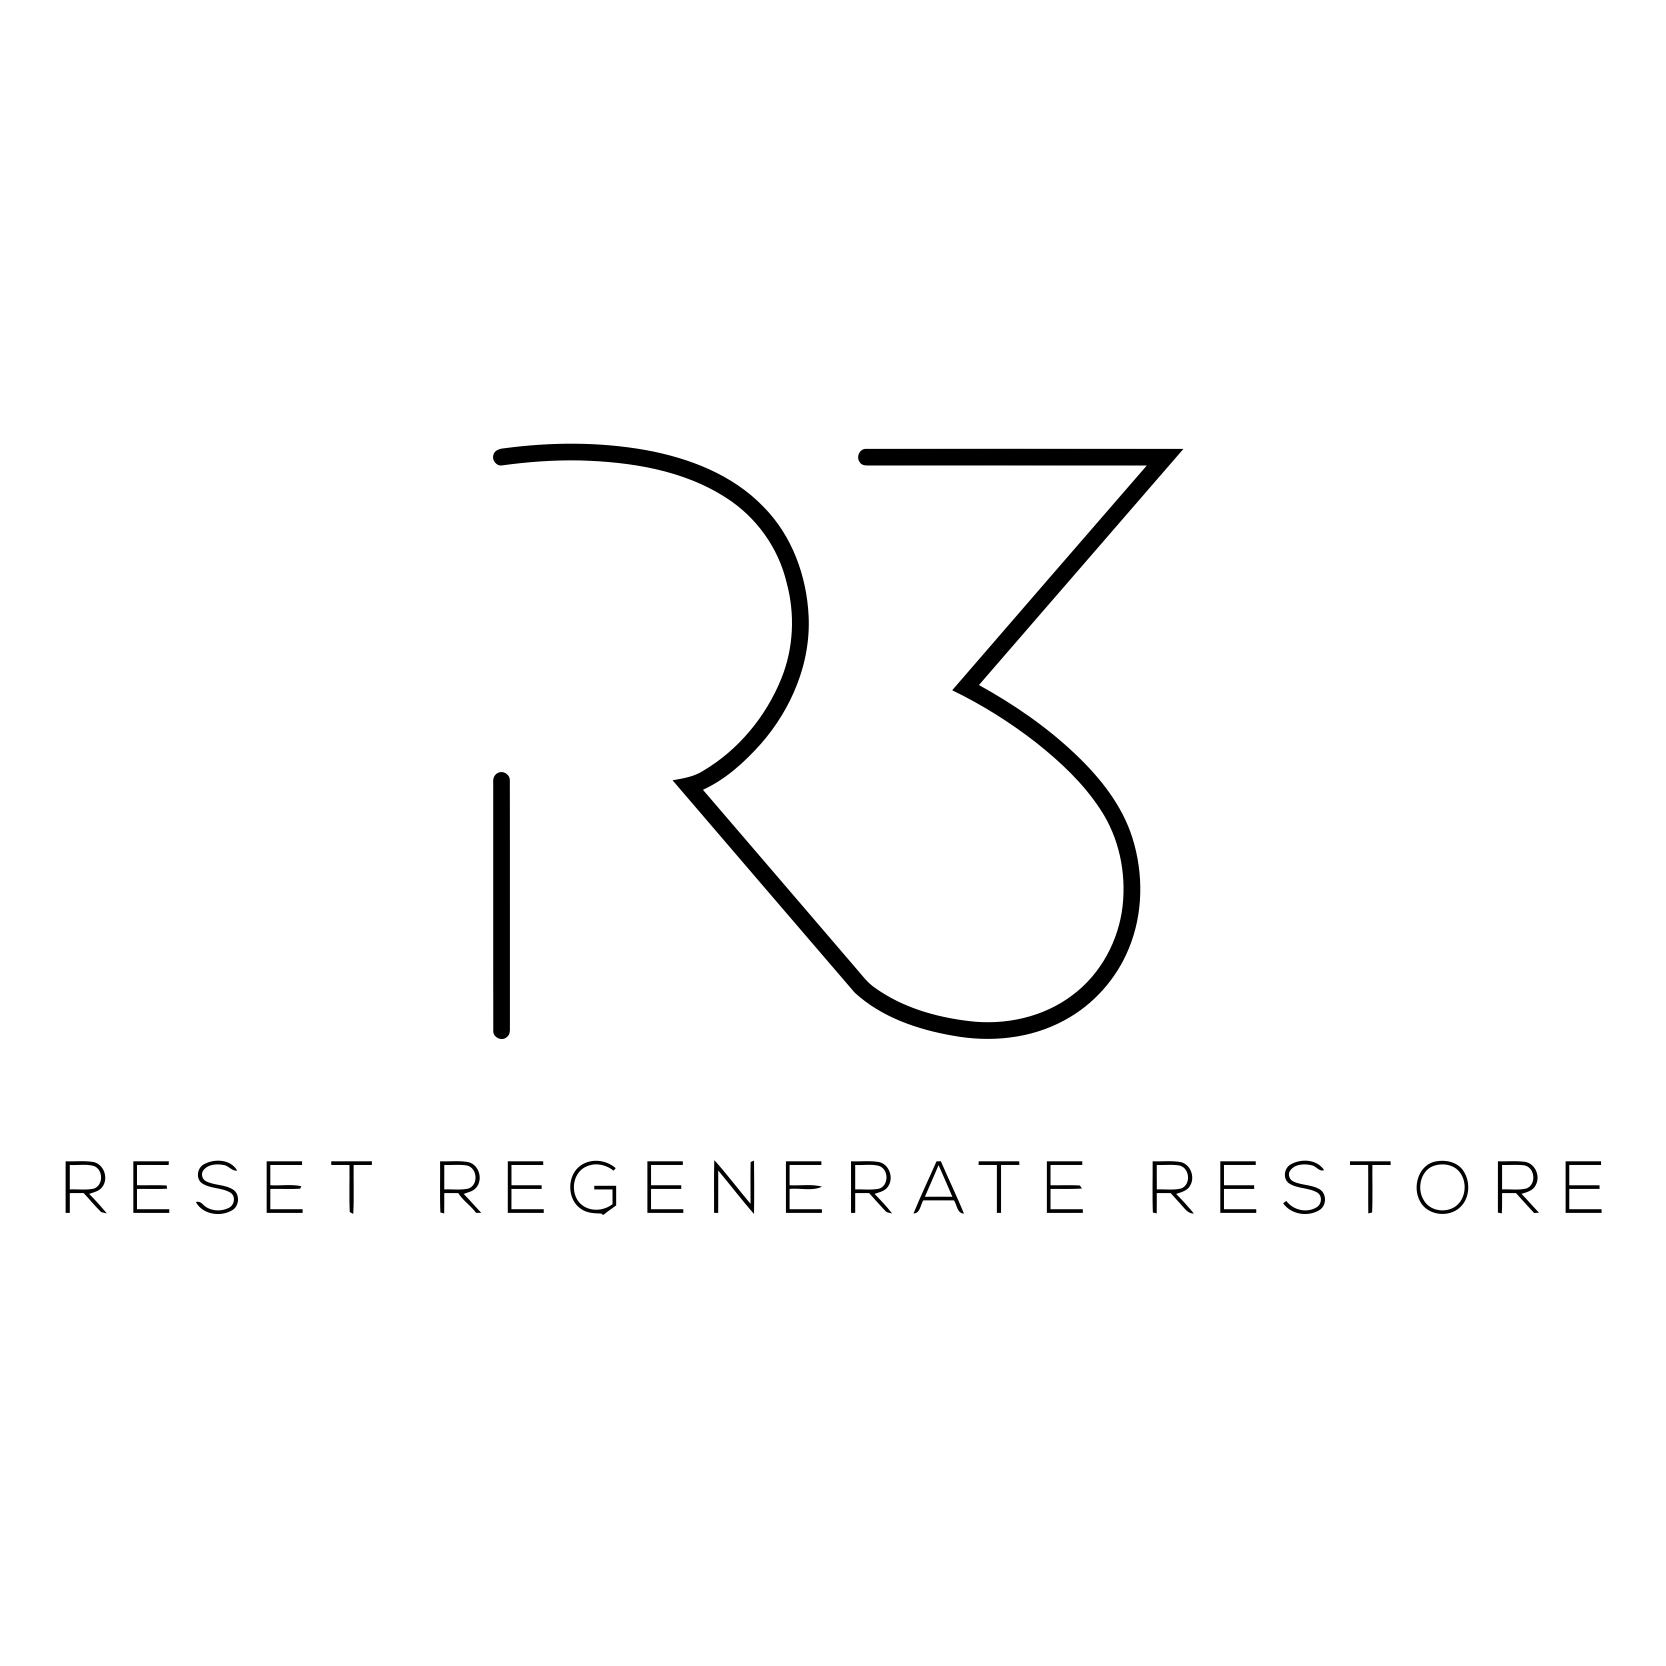 R3 - Reset, Regenerate, Restore